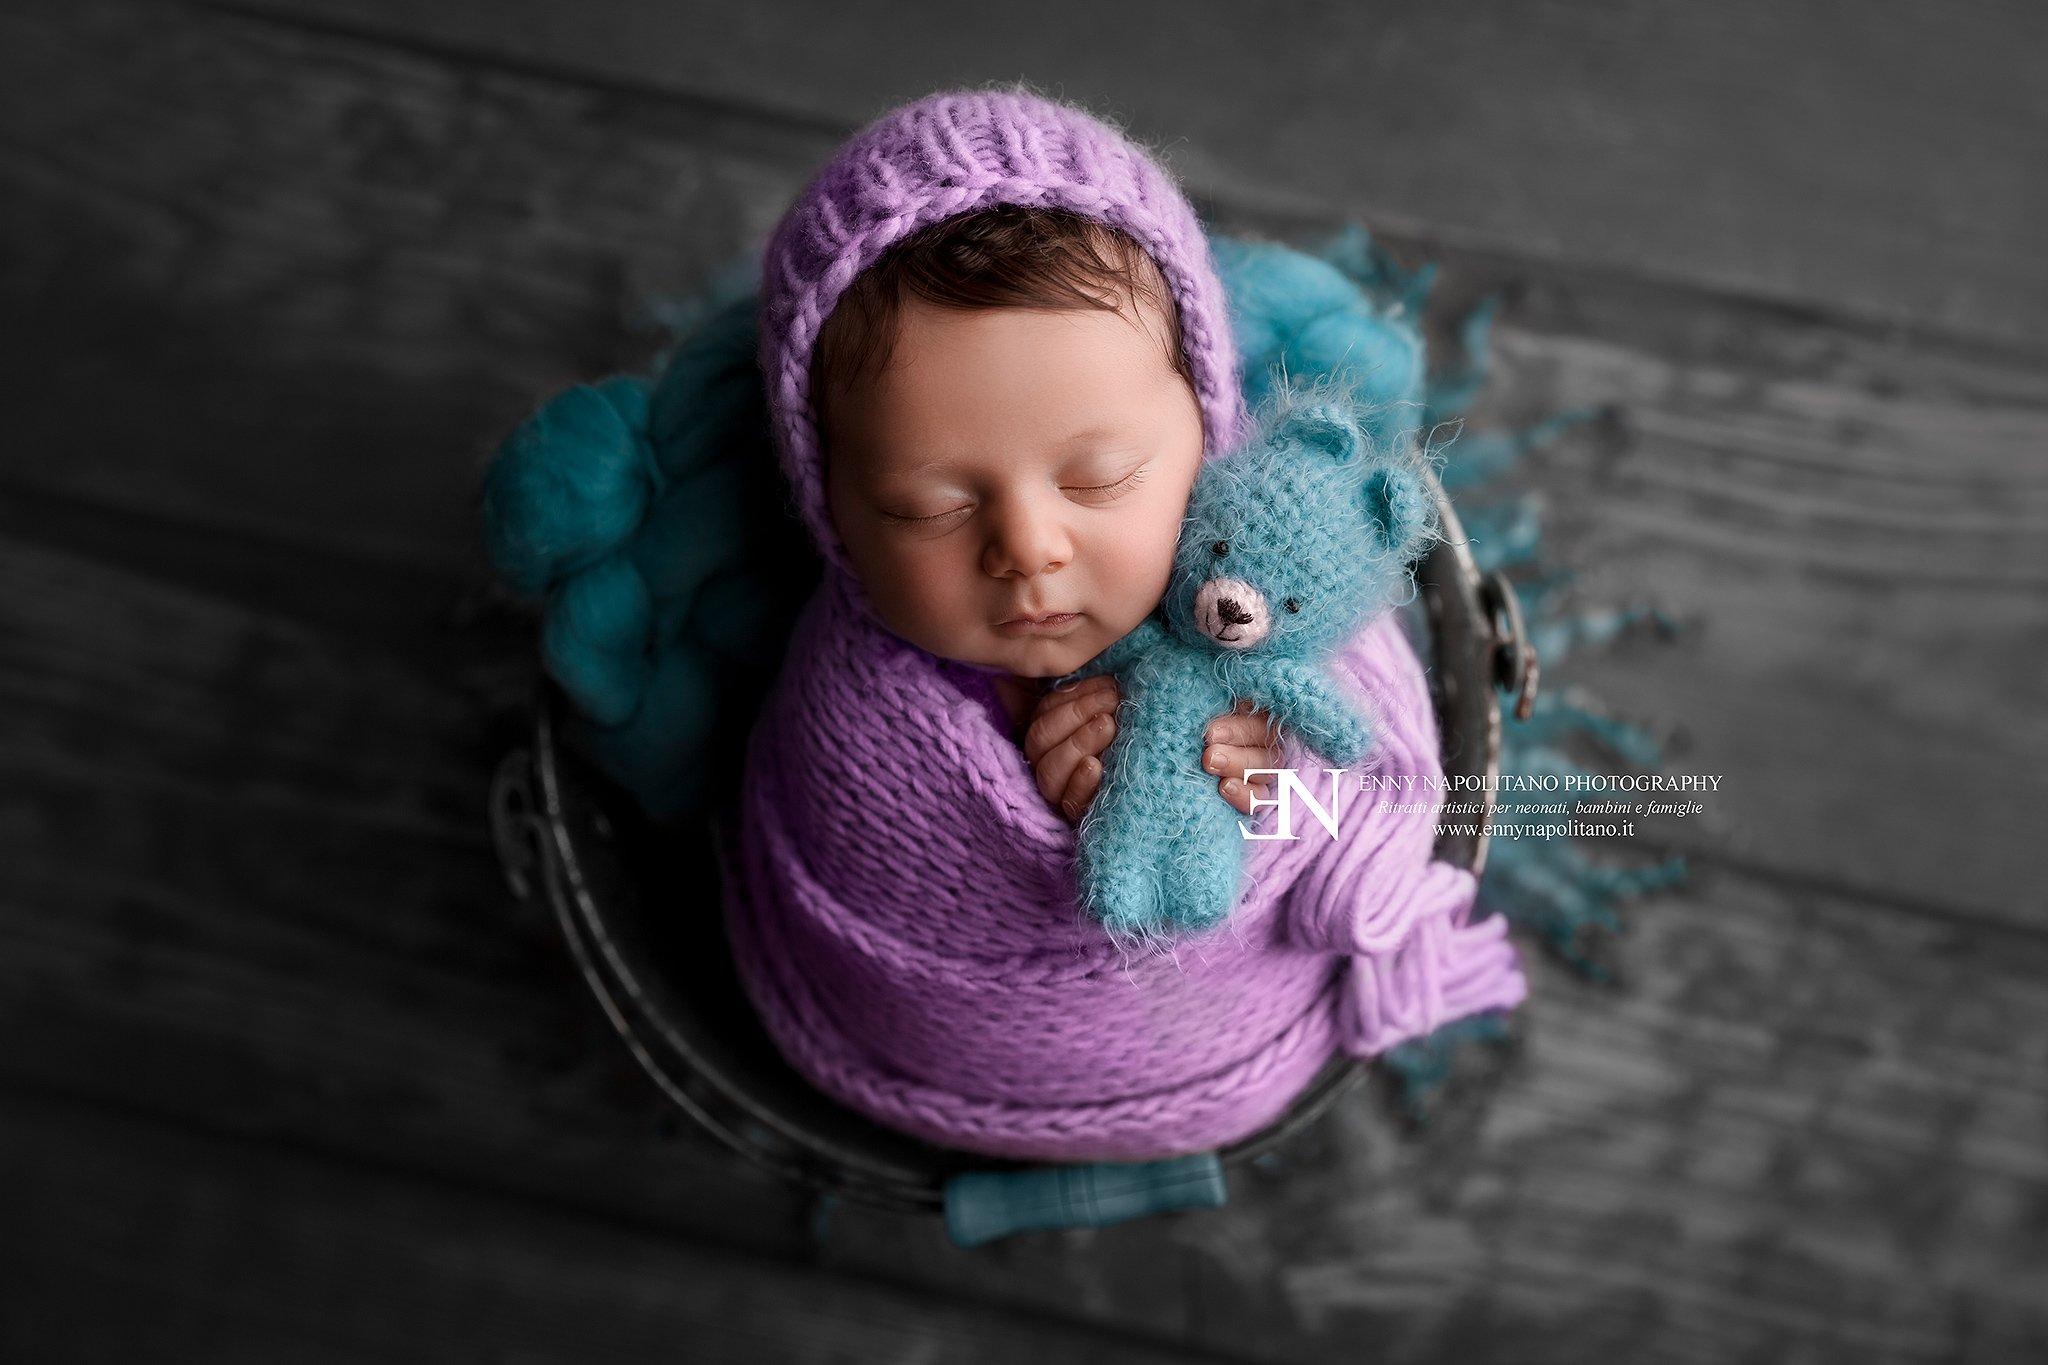 fotografia di una neonata fasciata che dorme in un secchio durante un servizio fotografico newborn per neonati a Milano